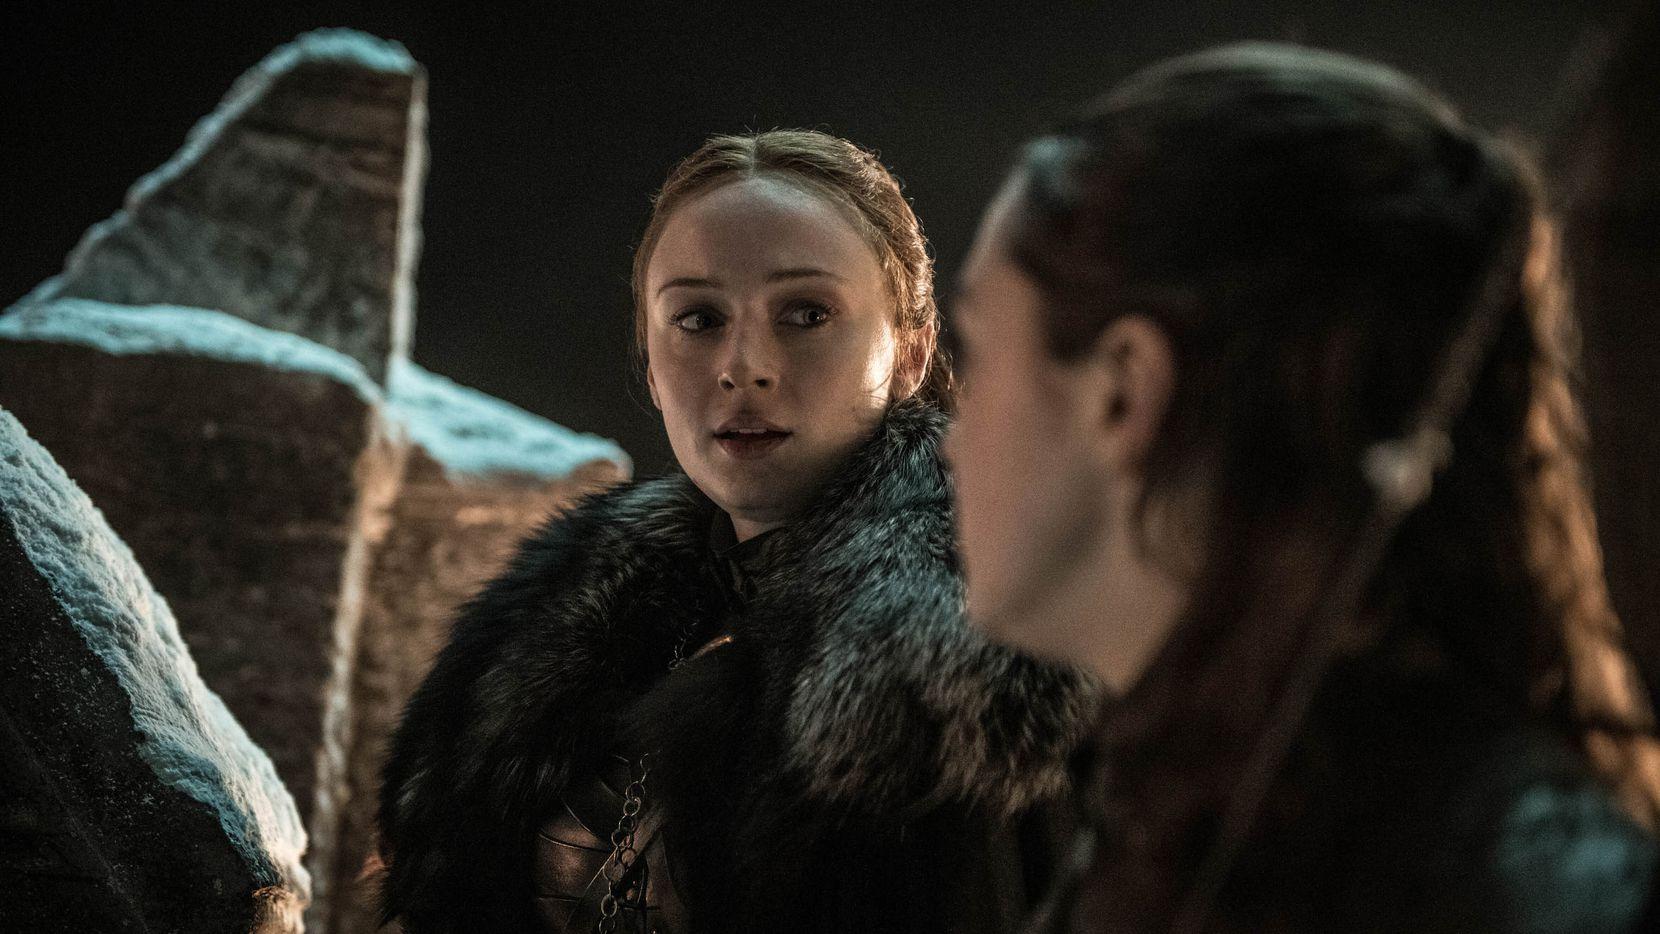 Samsa, izq., (Sophie Turner) decide ir a esconderse en la cripta. Arya (Masie Williams) decide enfrentarse a lo muertos. HBO